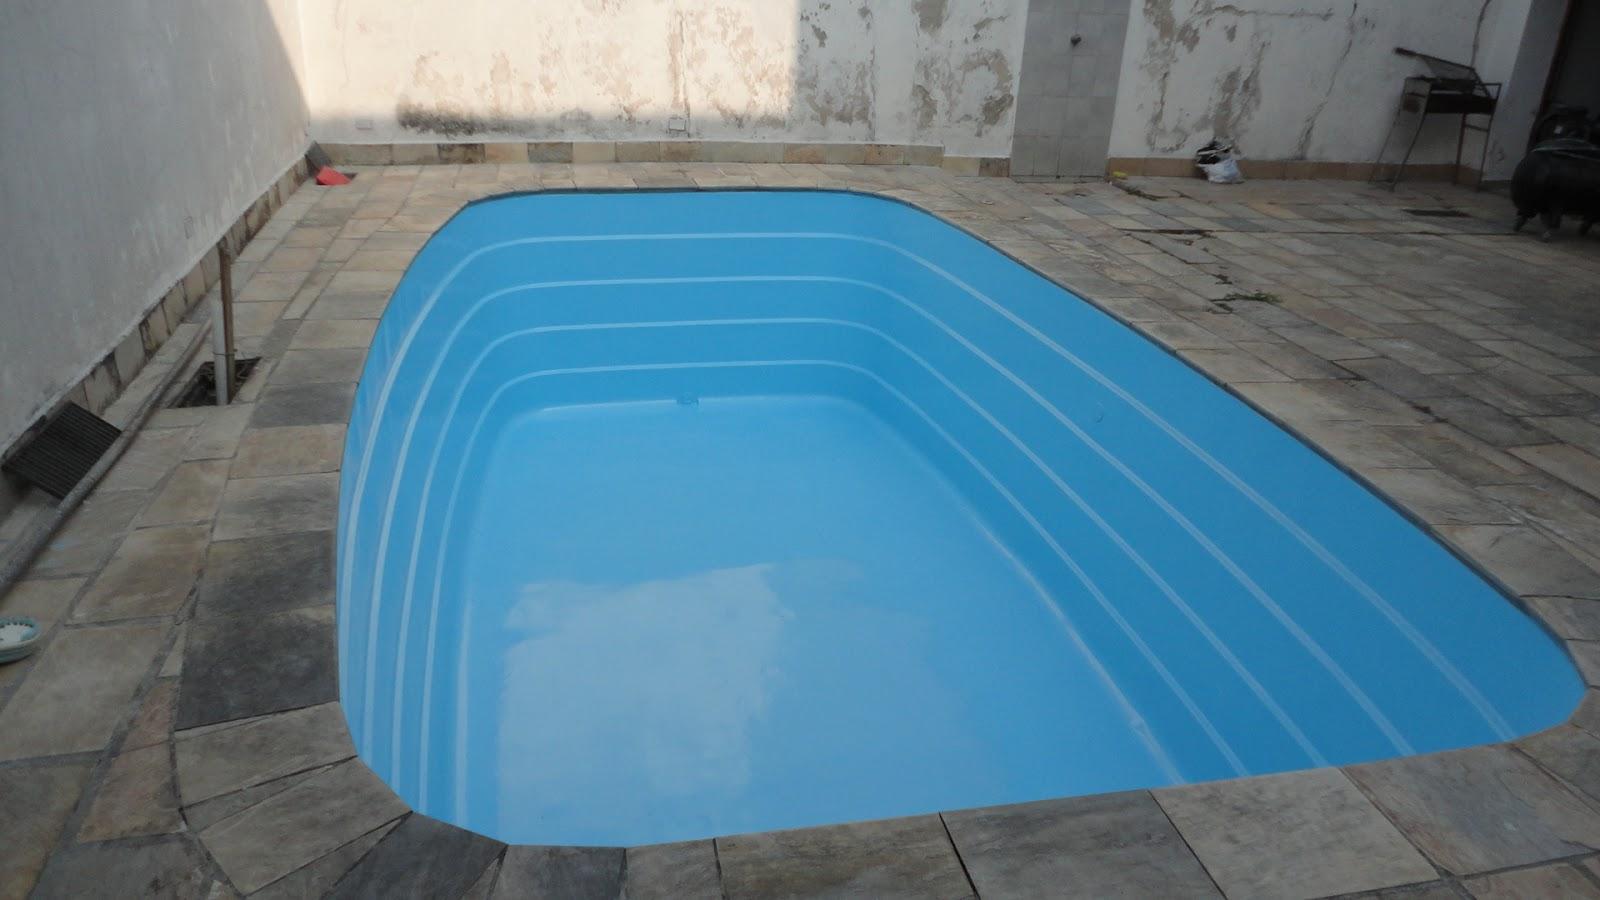 Cooper fibra banheiras pintura de piscinas for Piscina de fibra 3 por 4